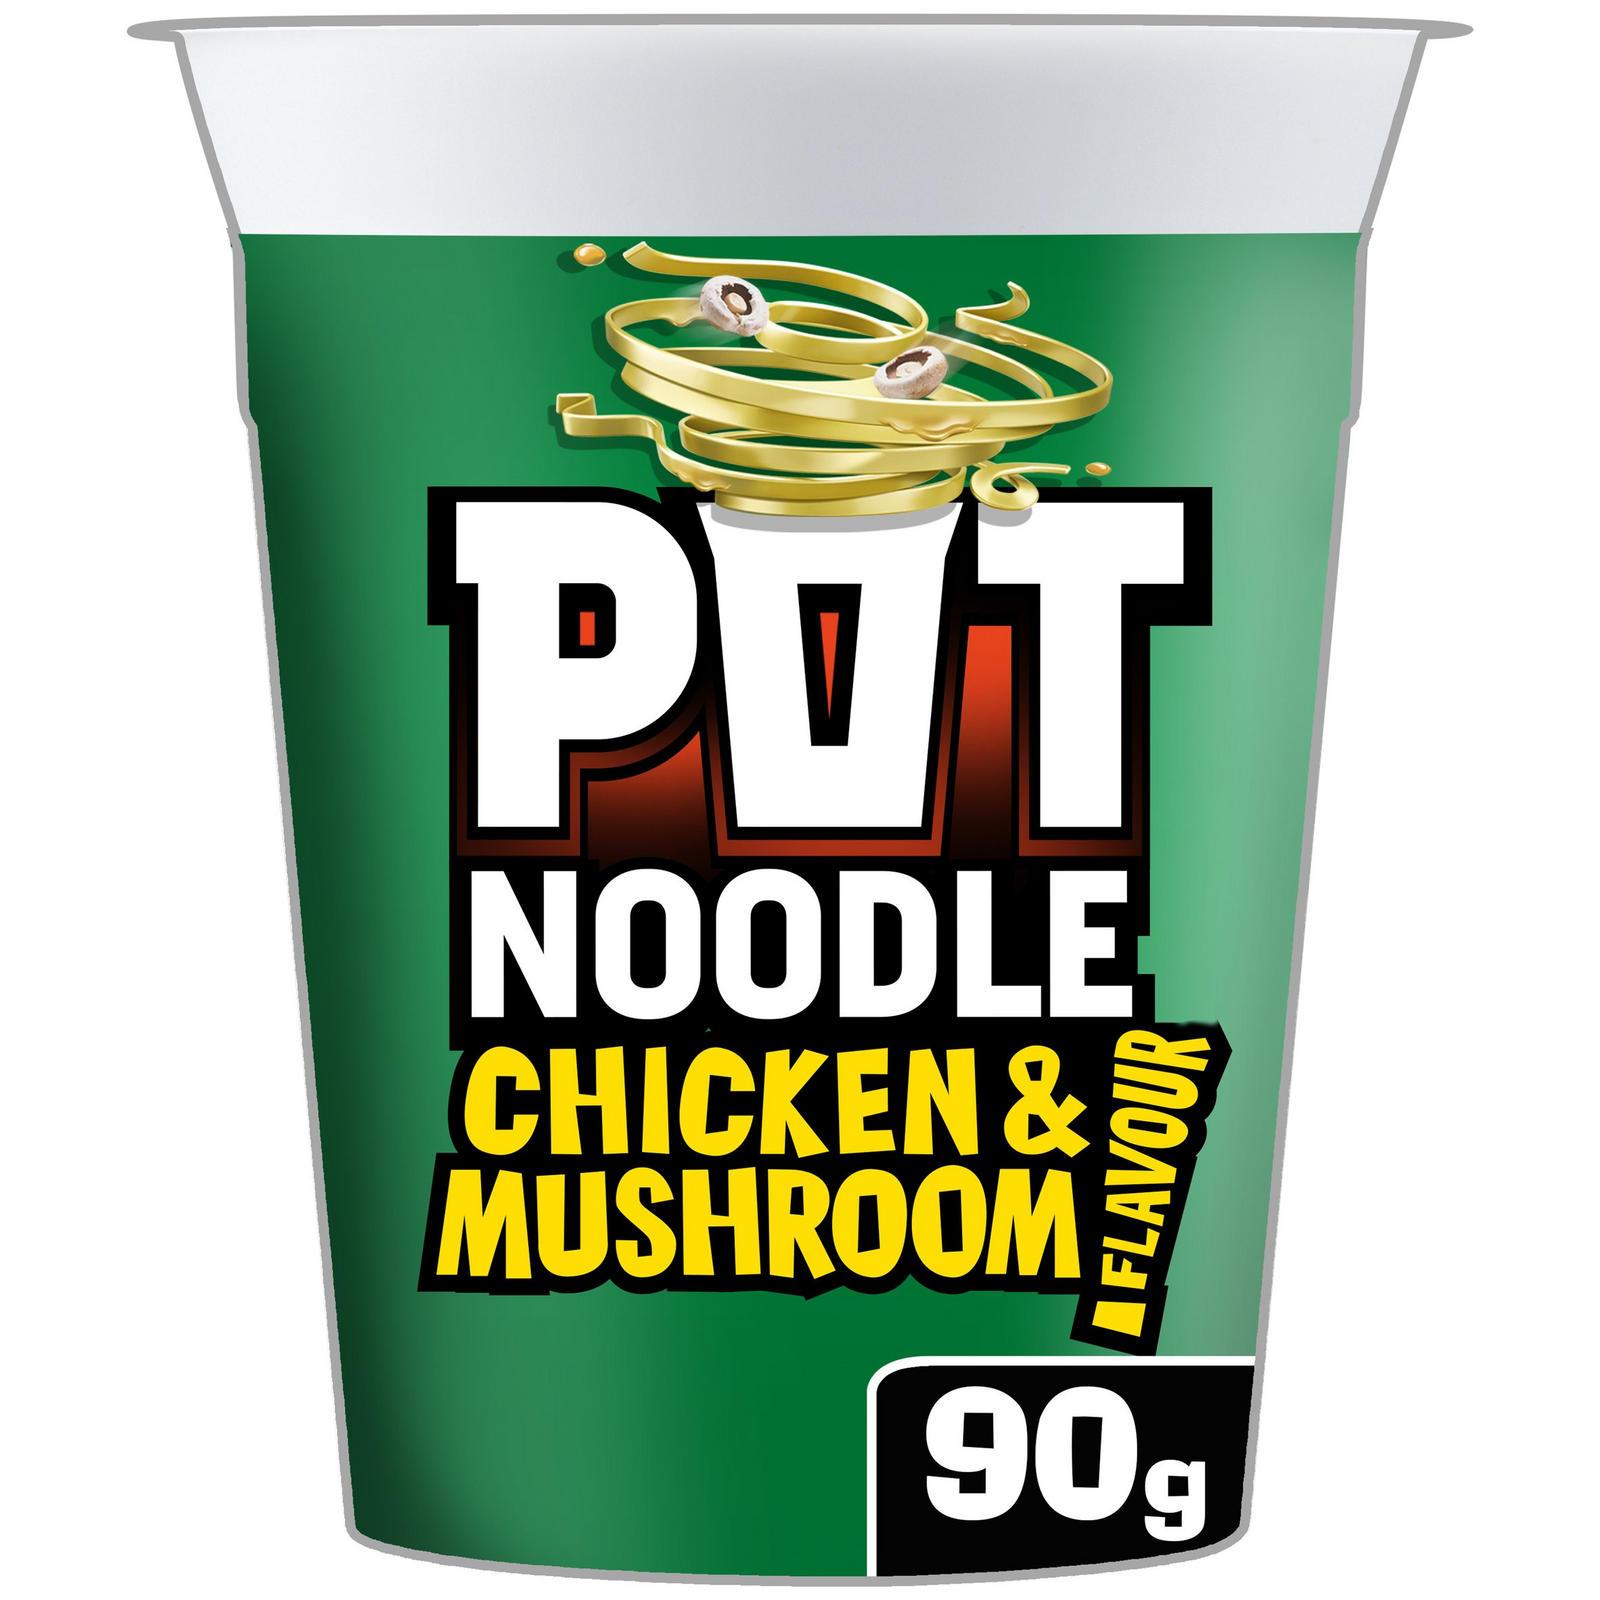 Pot Noodle Chicken & Mushroom Standard 90g | Noodles